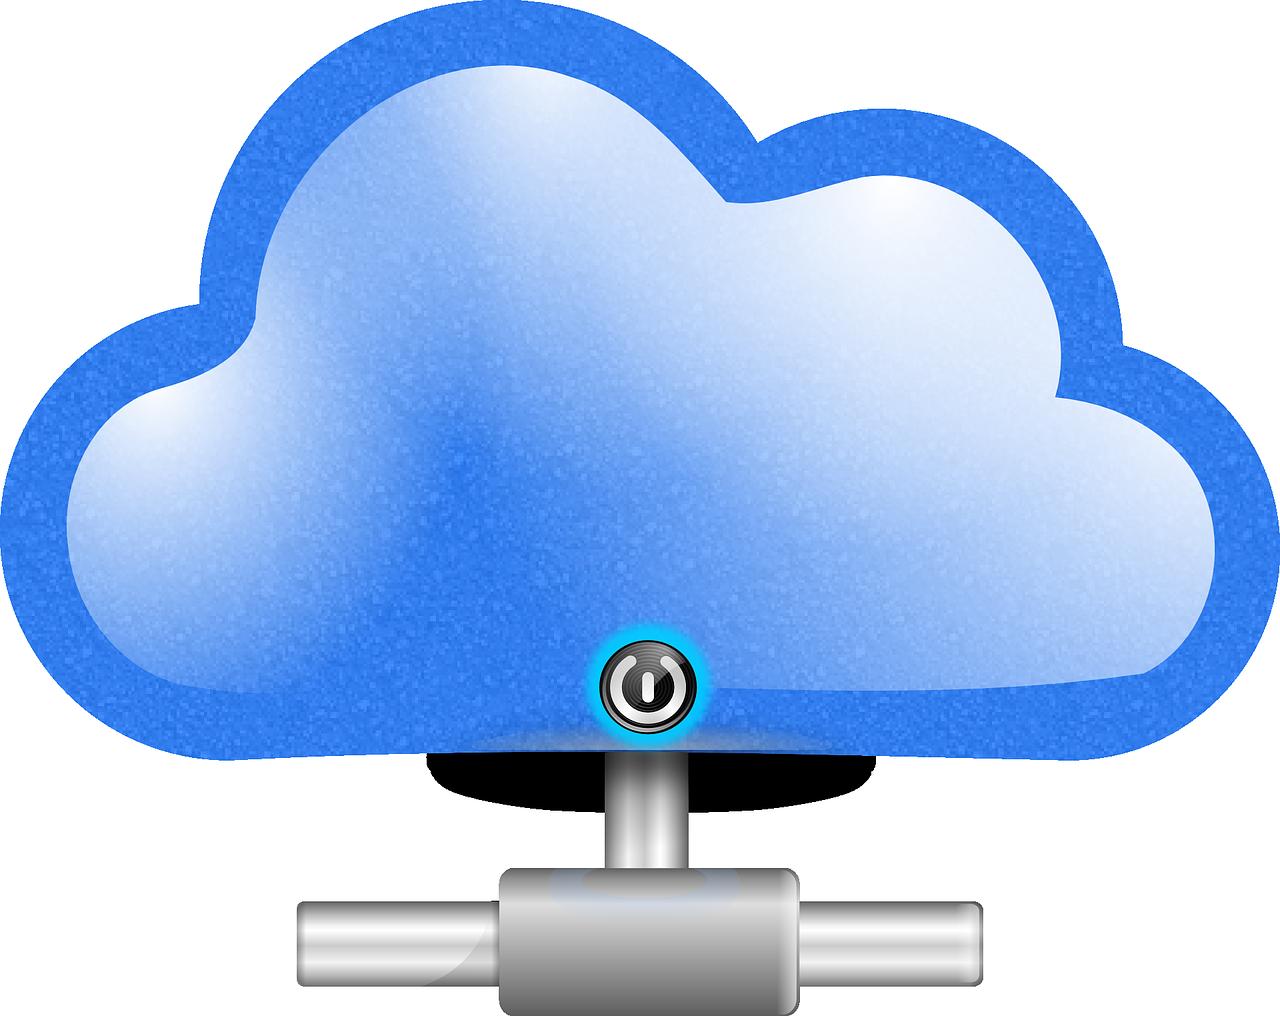 Chmura obliczeniowa w centrum zainteresowania